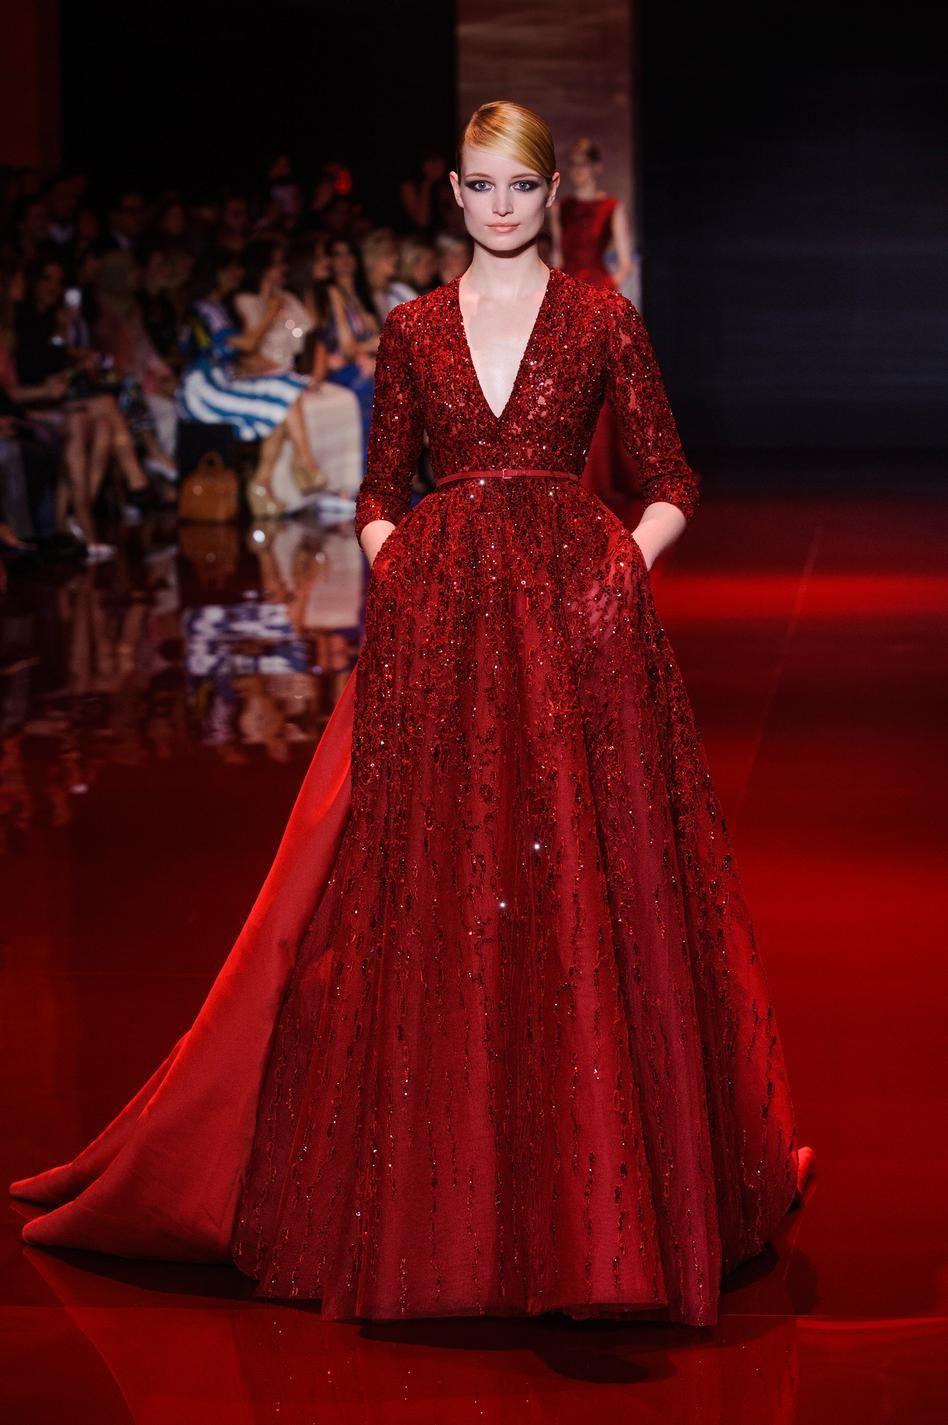 Pin von Marienette Gimeno auf Red Carpet | Pinterest